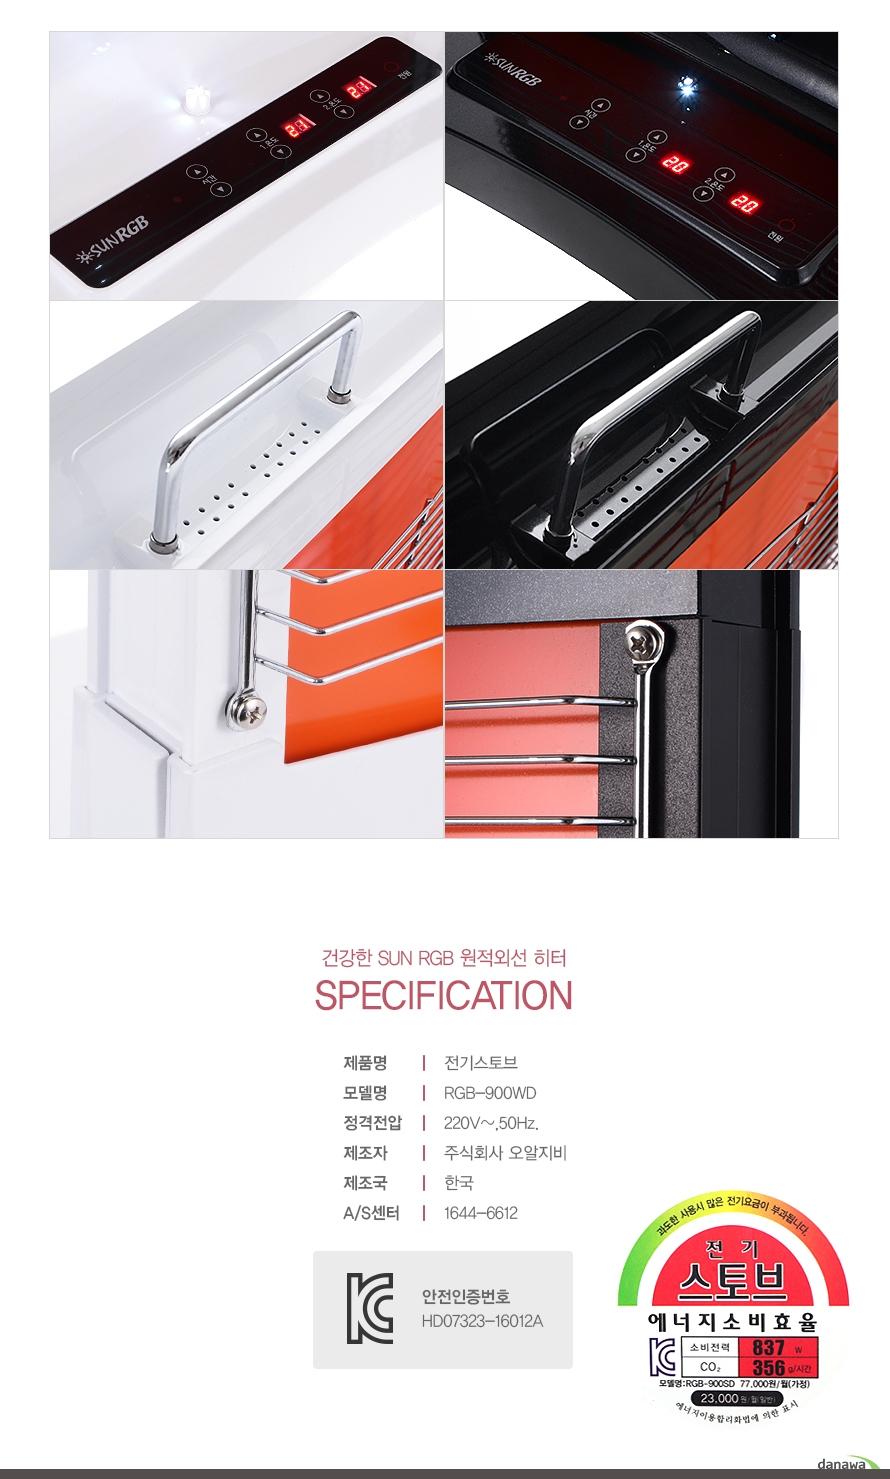 건강한 SUN RGB 원적외선 히터 specification 제품명전기스토브모델명RGB-900WD정격전압220V~,50Hz.제조자주식회사 오알지비제조국한국A/S센터1644-6612안전인증번호 HD07323-16012A